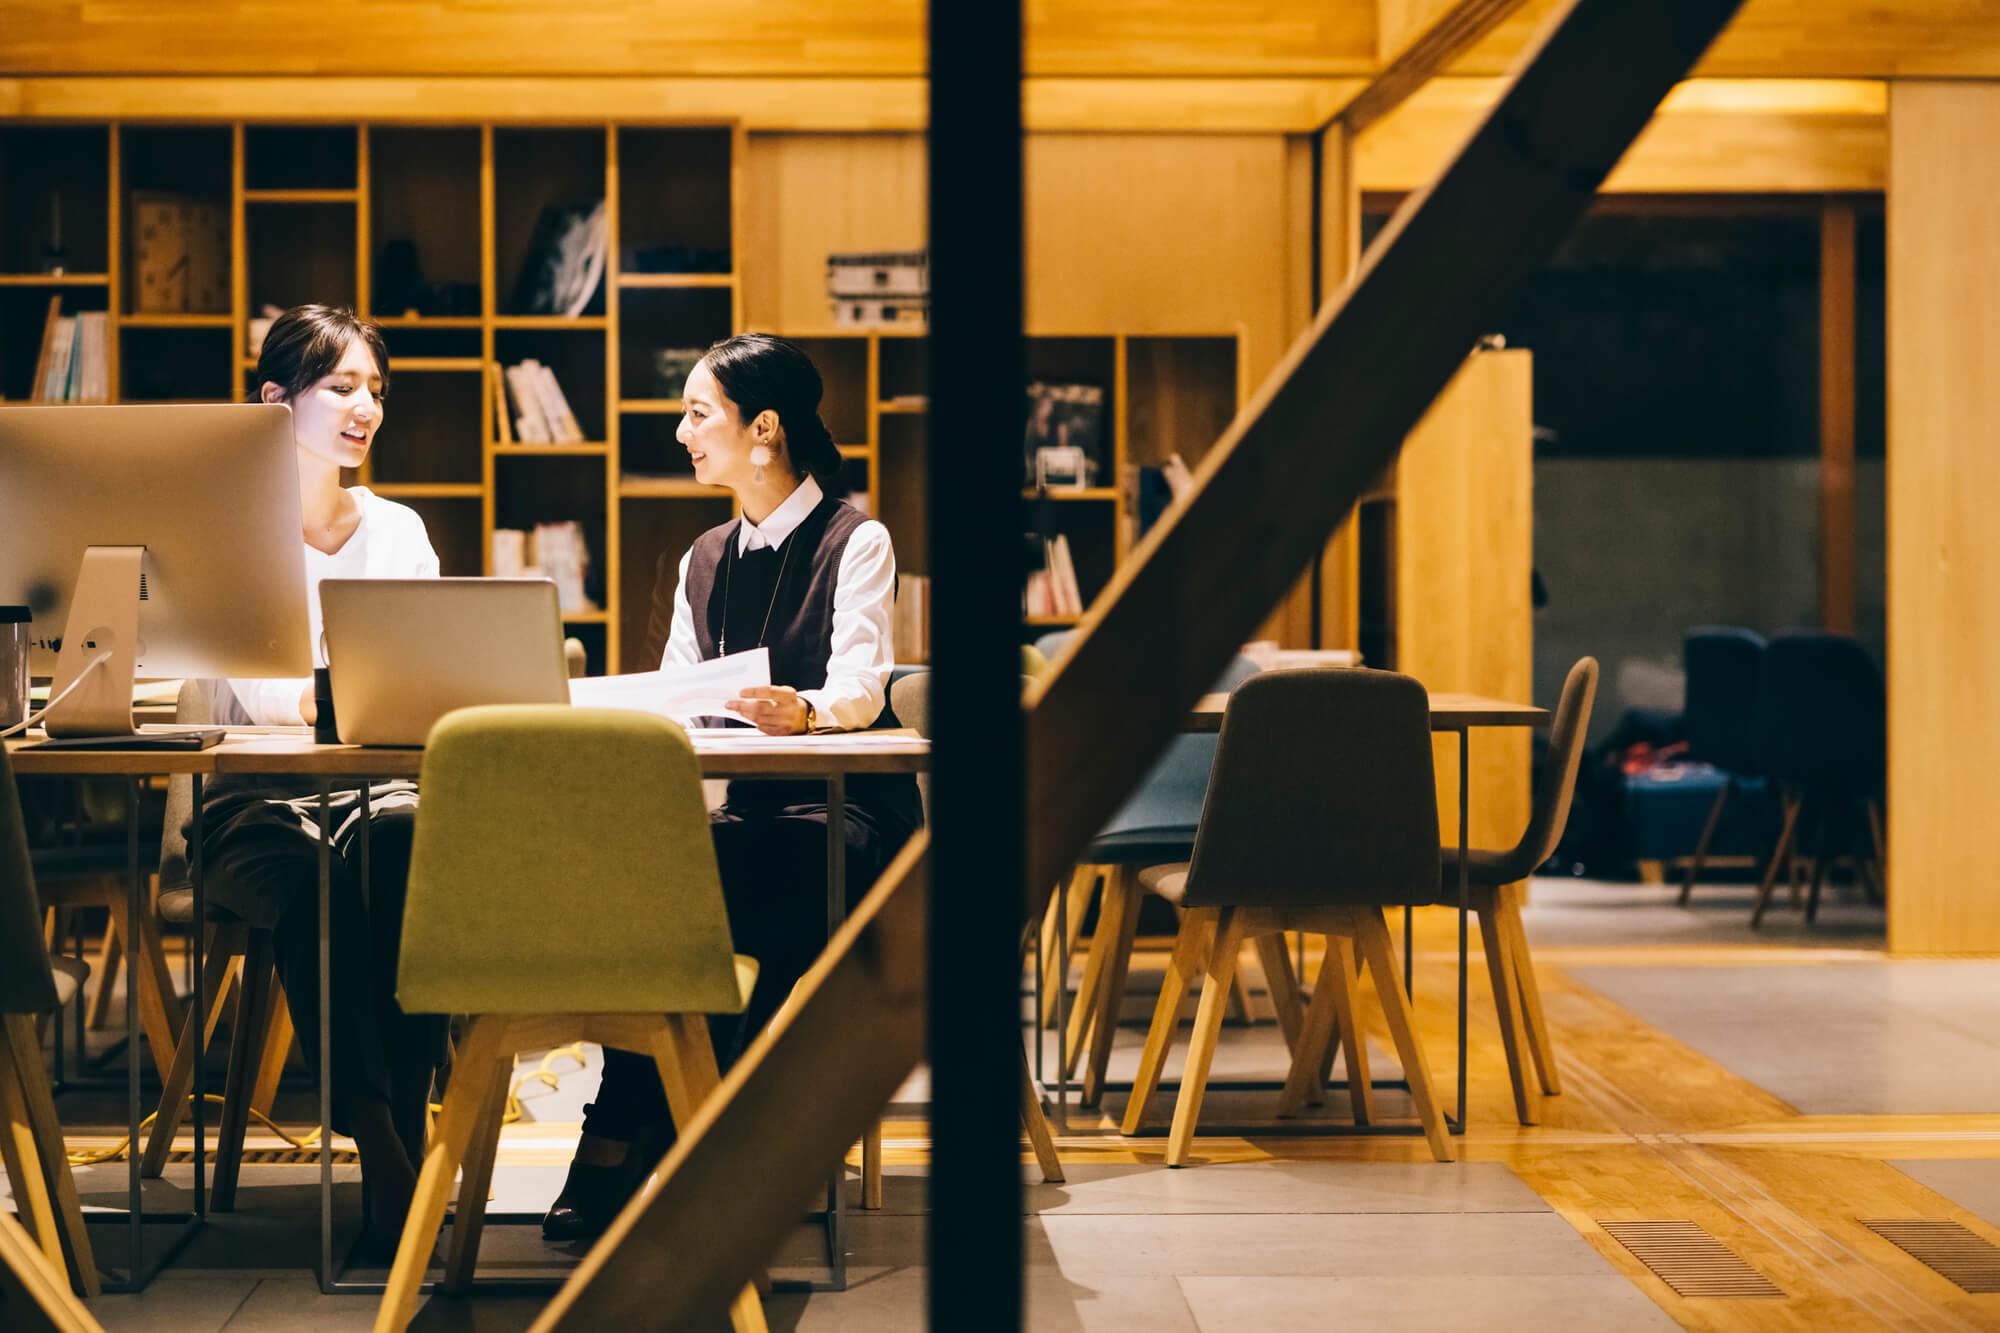 社員の残業理由を把握しよう!残業を減らすための組織づくり